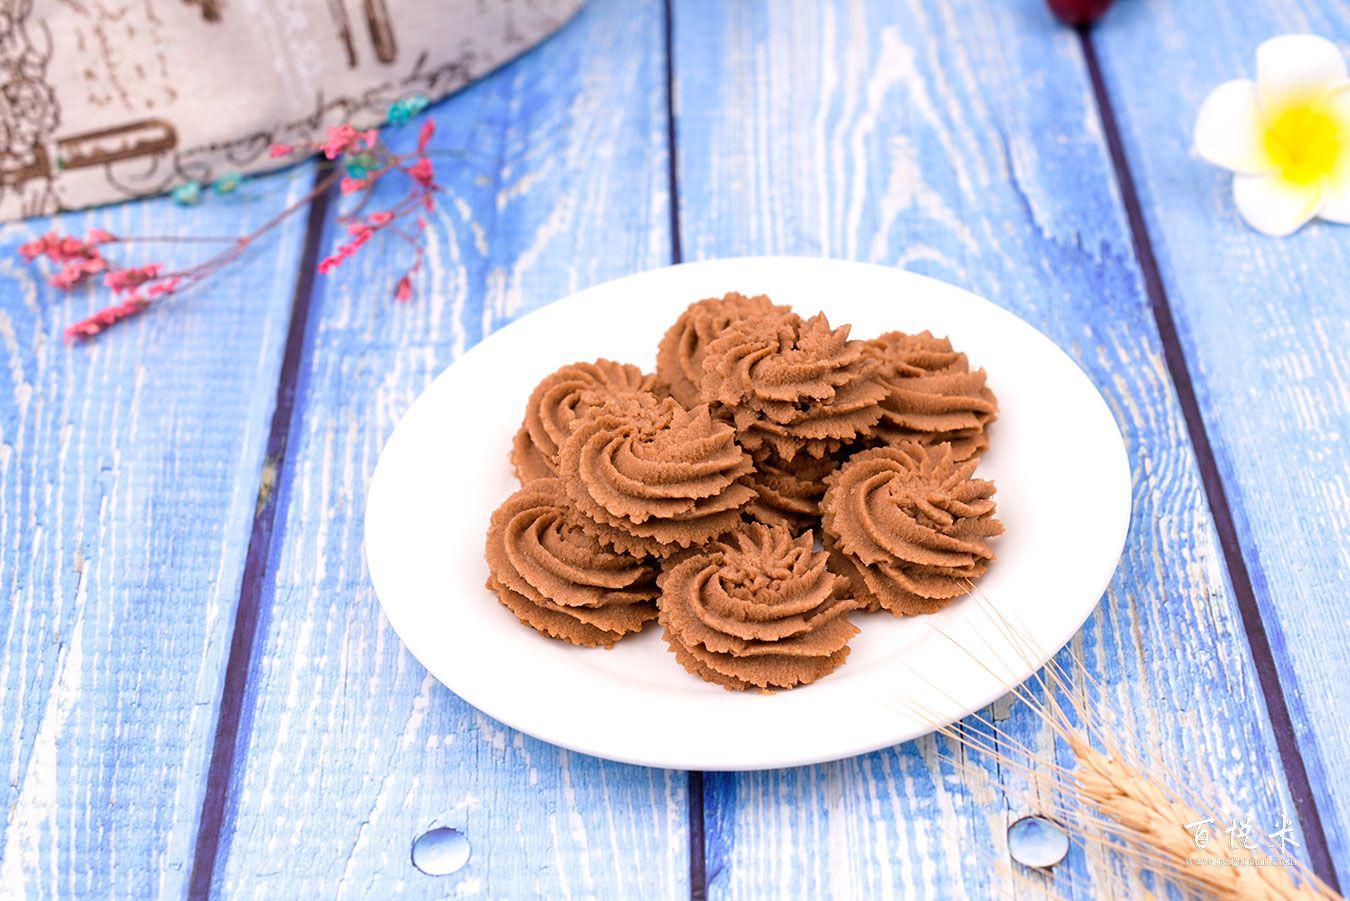 巧克力曲奇饼干高清图片大全【蛋糕图片】_447